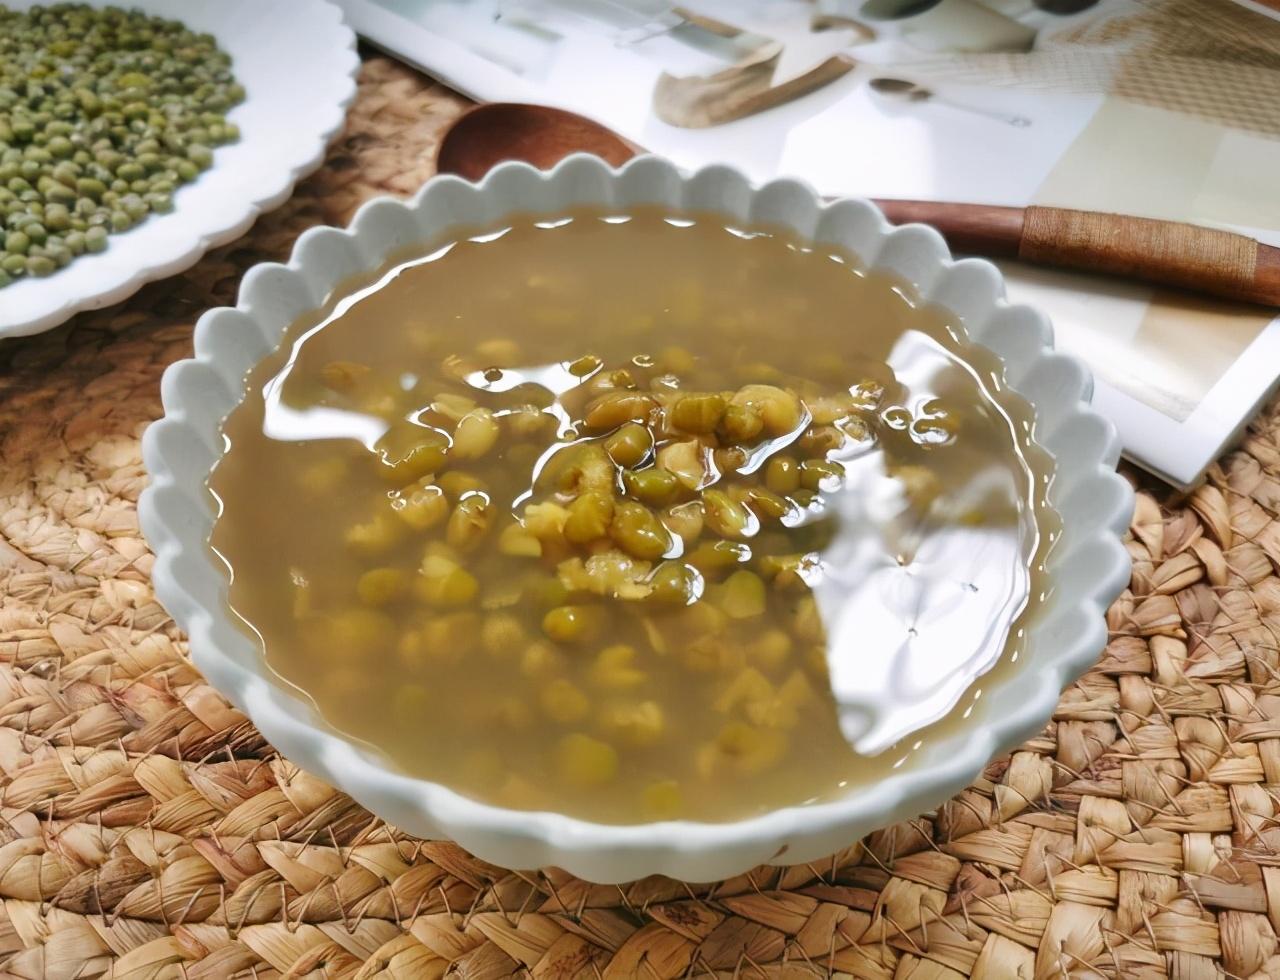 立夏后吃豆勝過吃肉,這5種豆富含高蛋白,健脾祛濕,健康過夏天